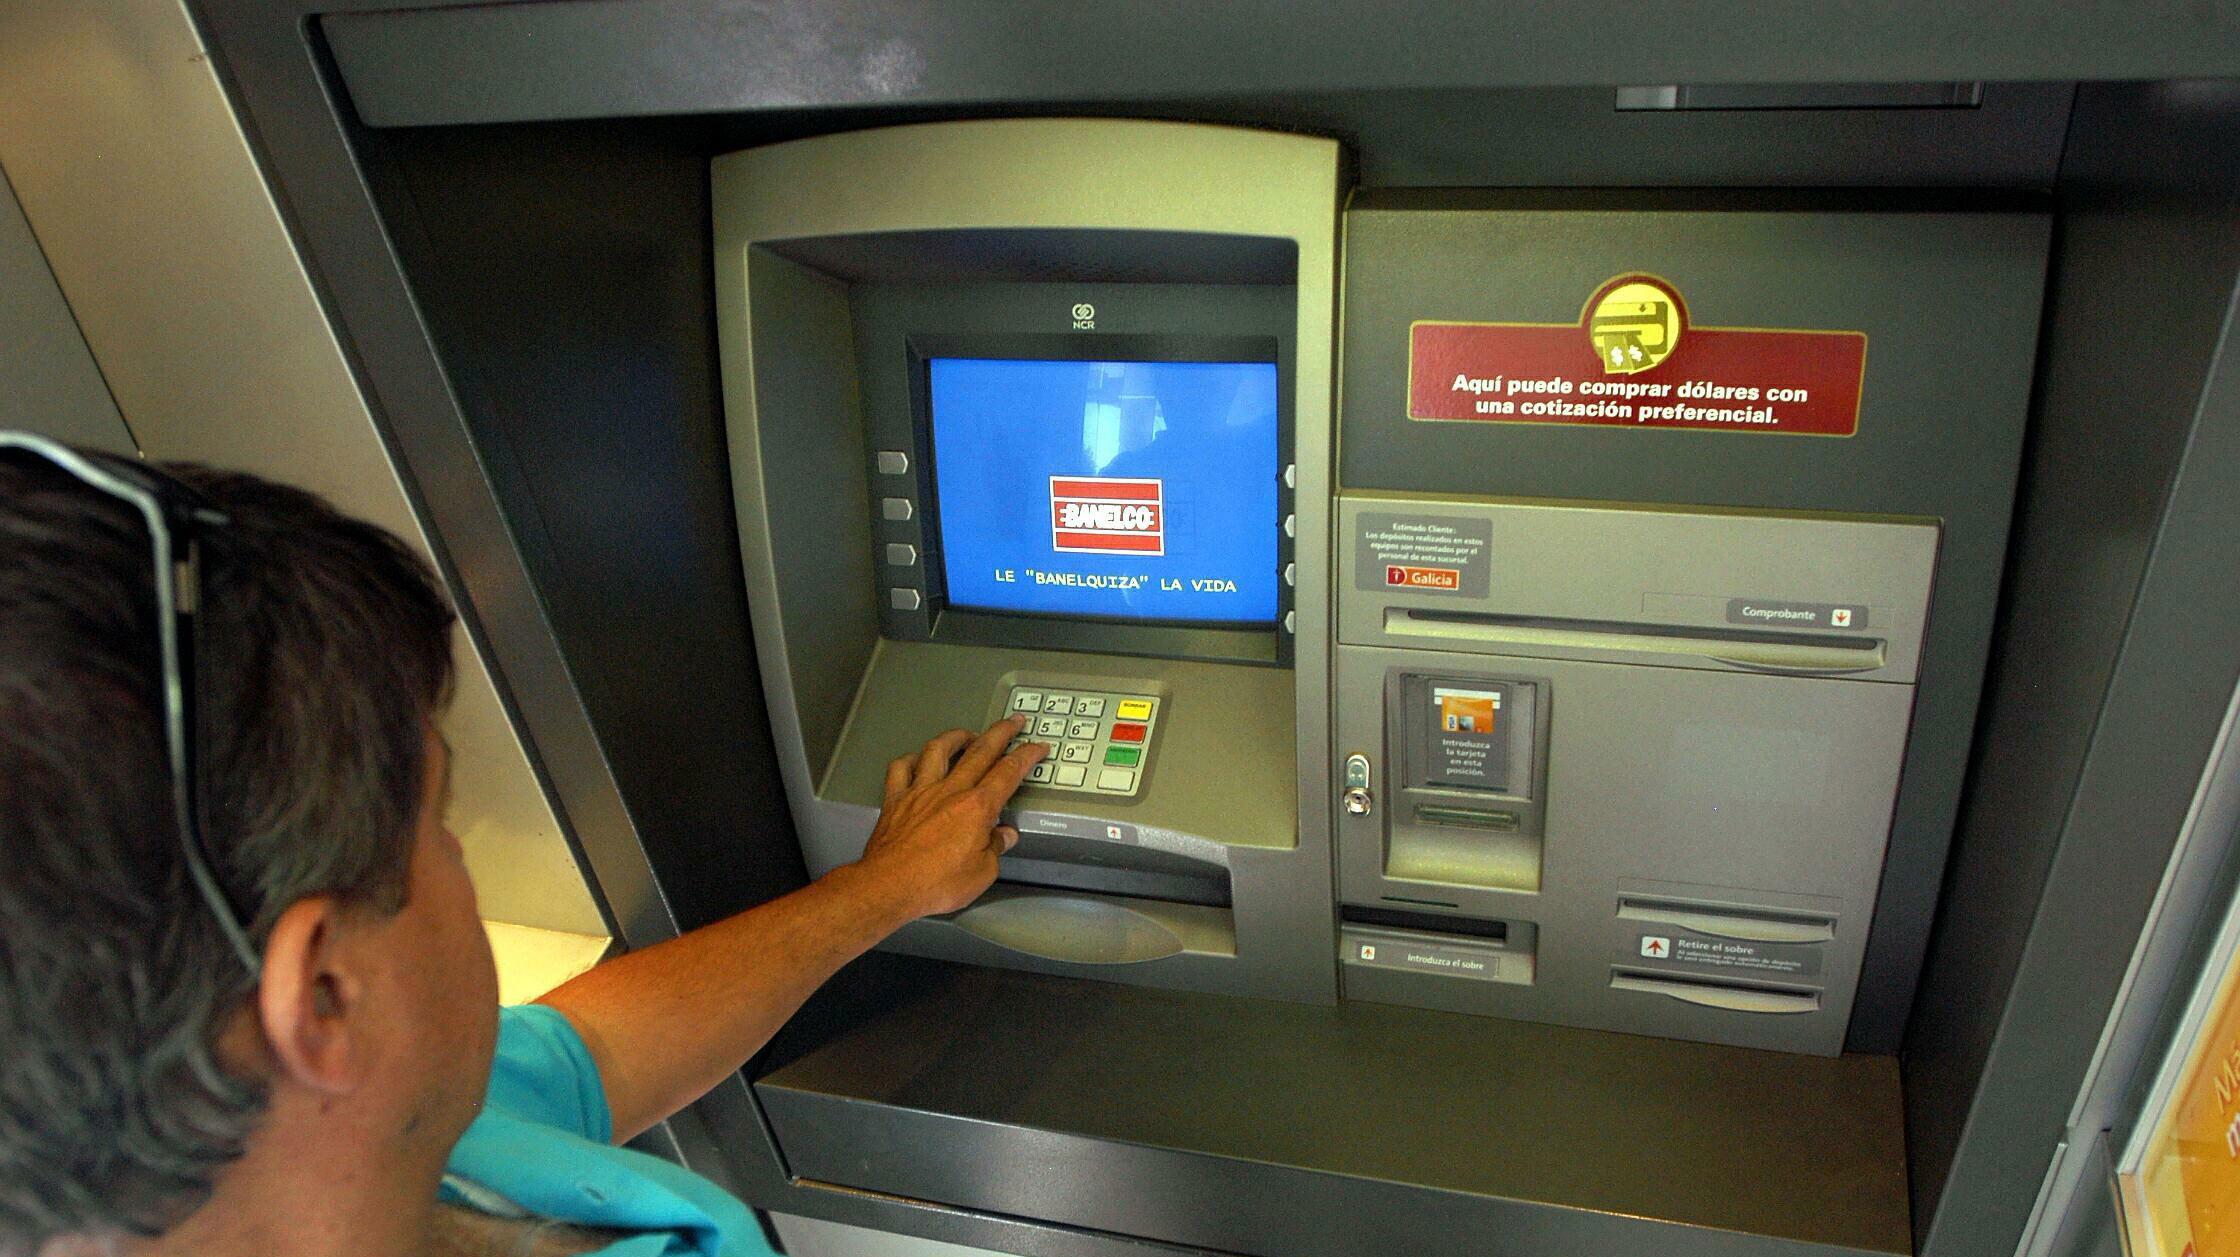 Operativo especial para que no falte dinero en los cajeros for Cajeros banco santander para ingresar dinero